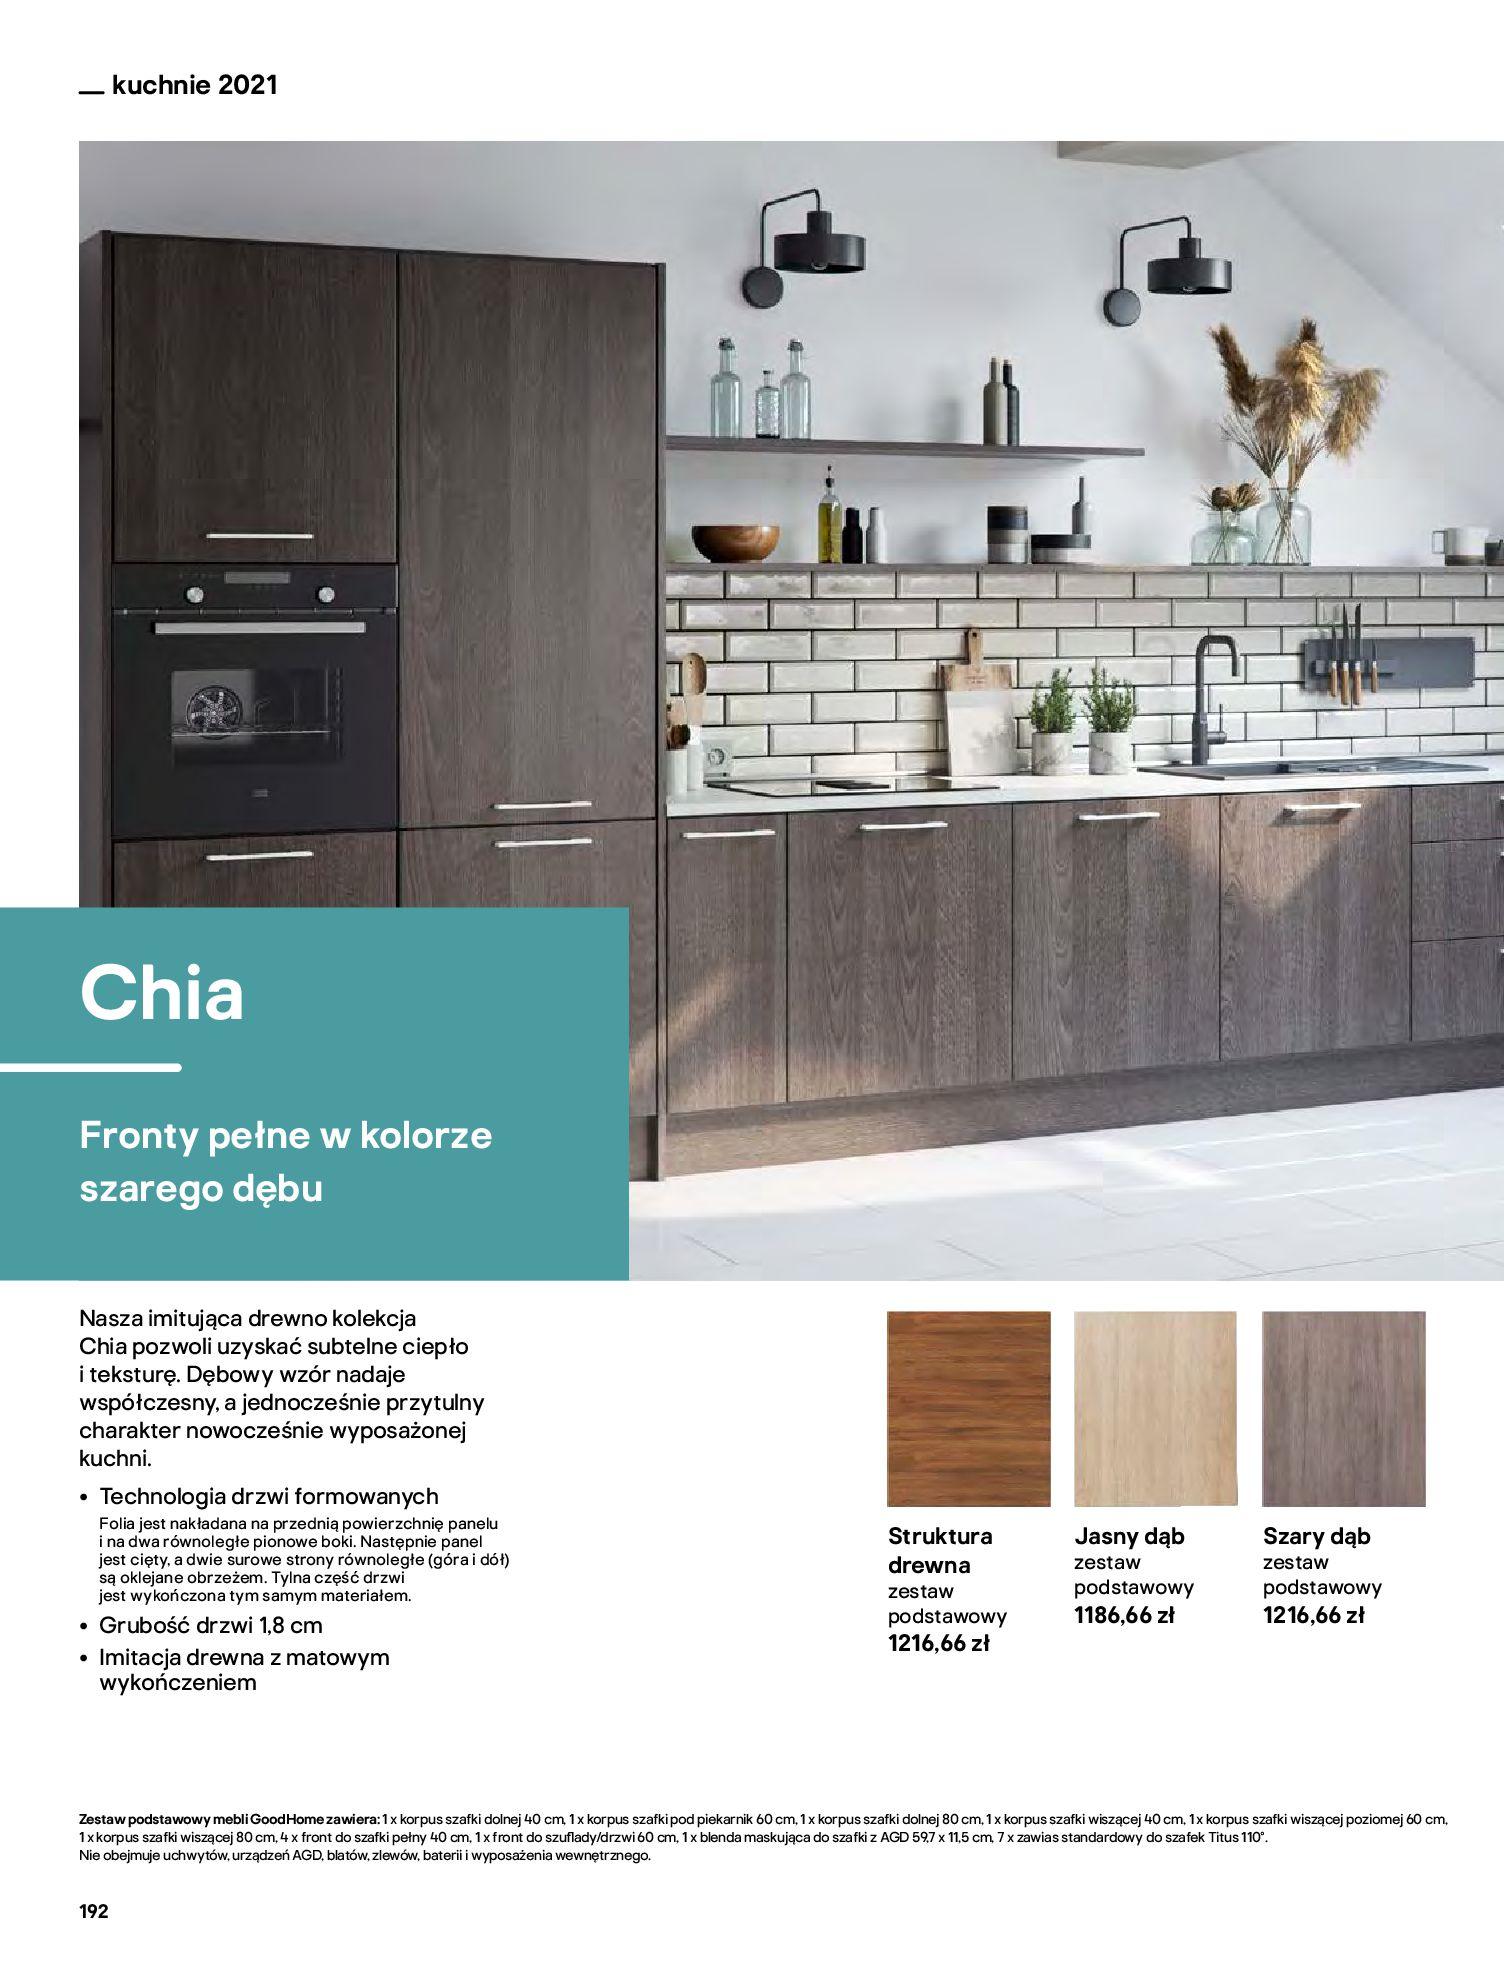 Gazetka Castorama: Katalog kuchnie 2021 2021-05-04 page-192